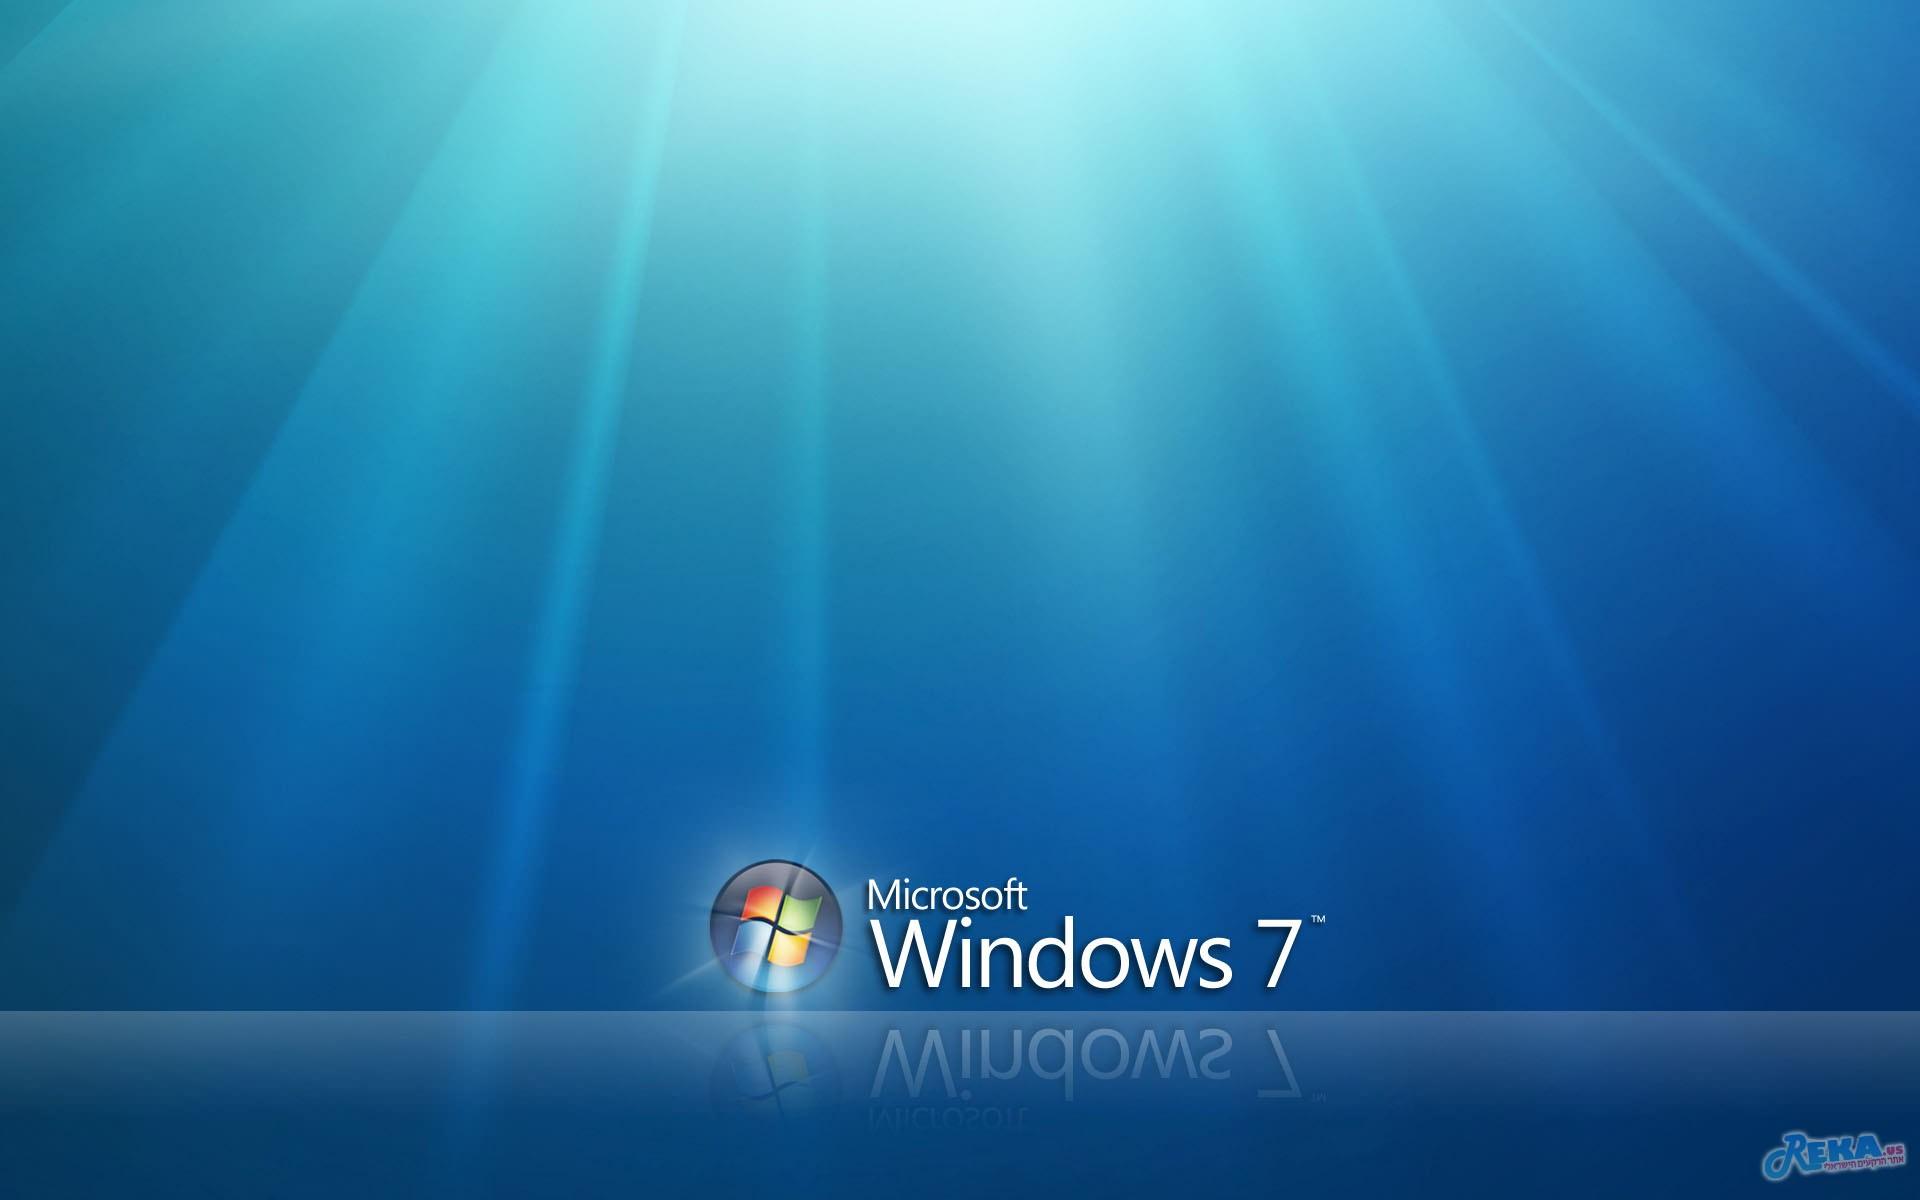 Как поставить обои на рабочий стол в windows 7